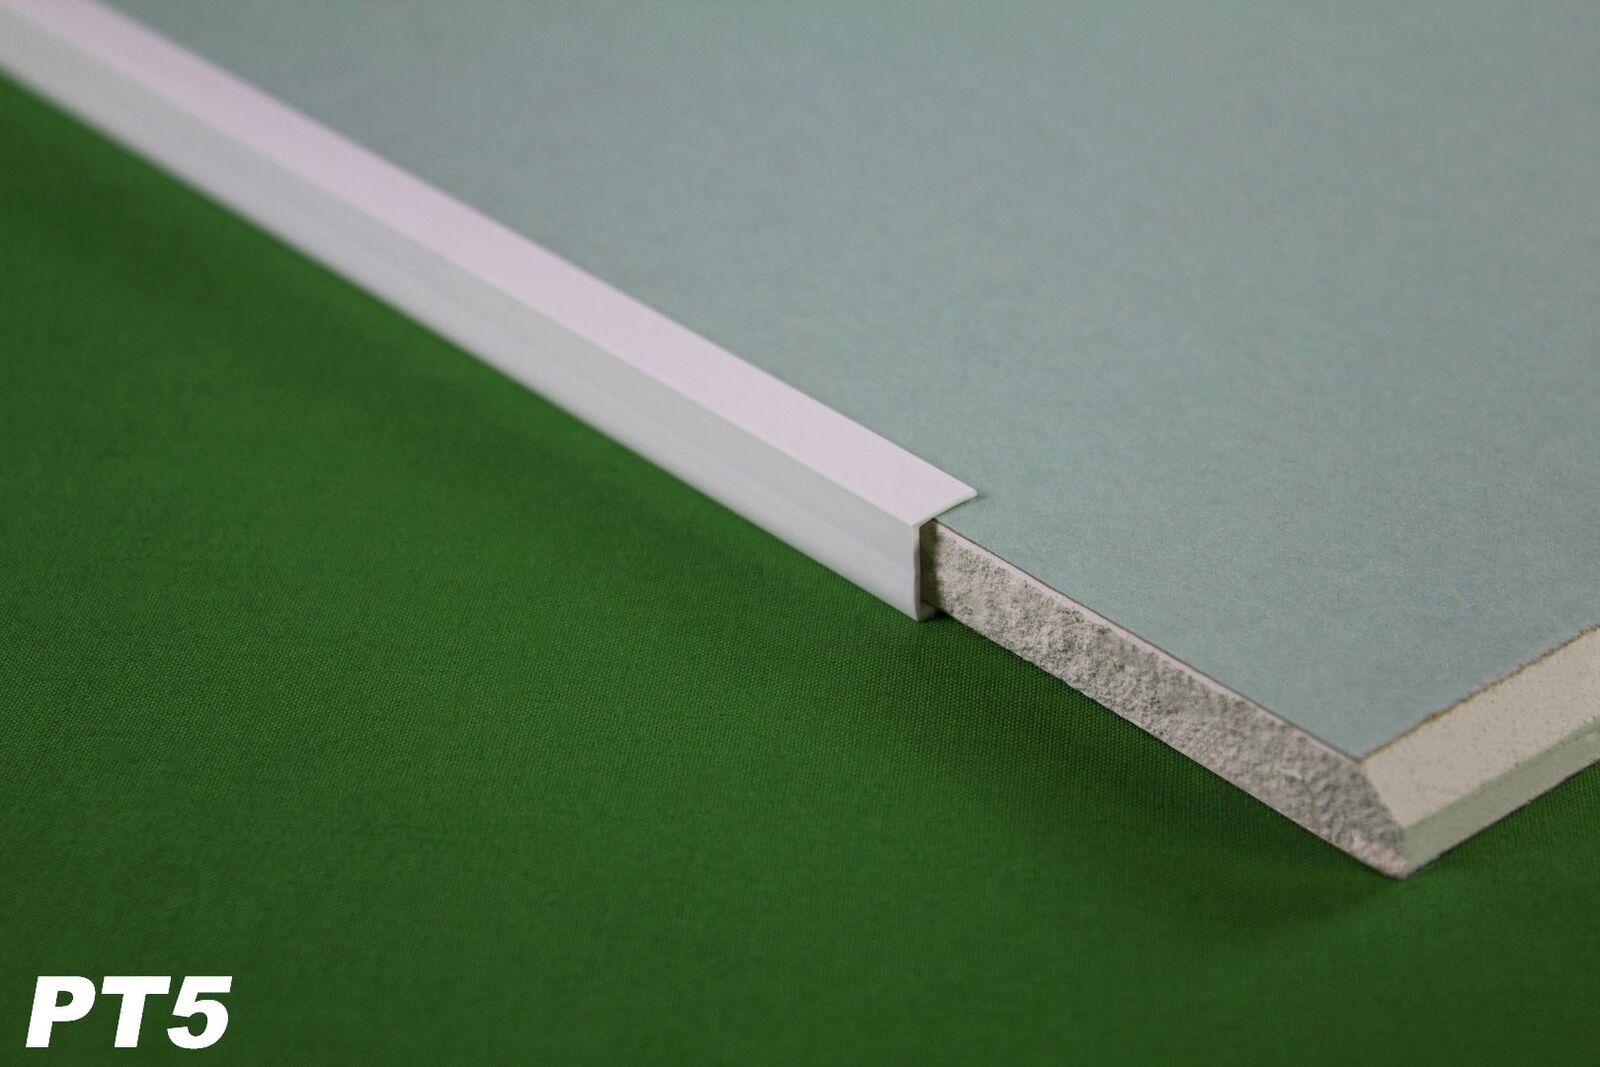 10 Meter PVC Kantenprofil für Gipskarton Platten Rigips 12,5mm Einfassprofil PT5